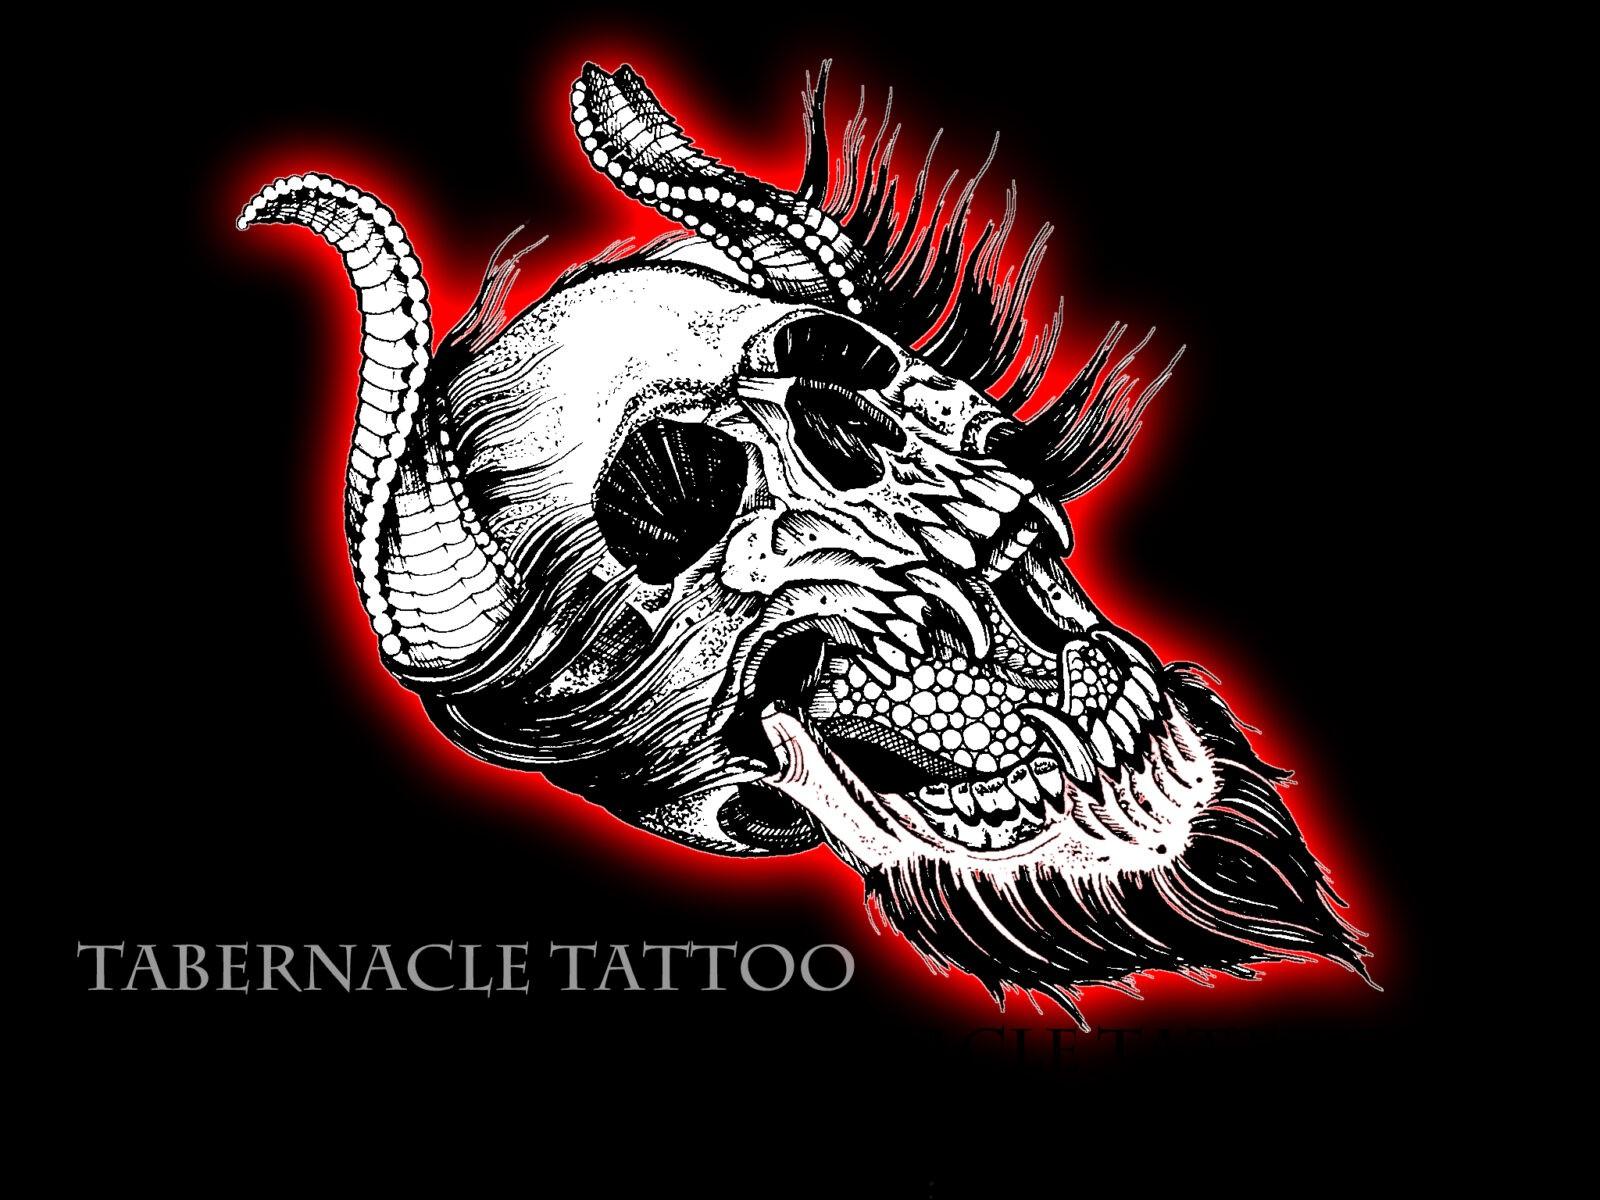 devil skull design tattoo art| Tattoo Ideas